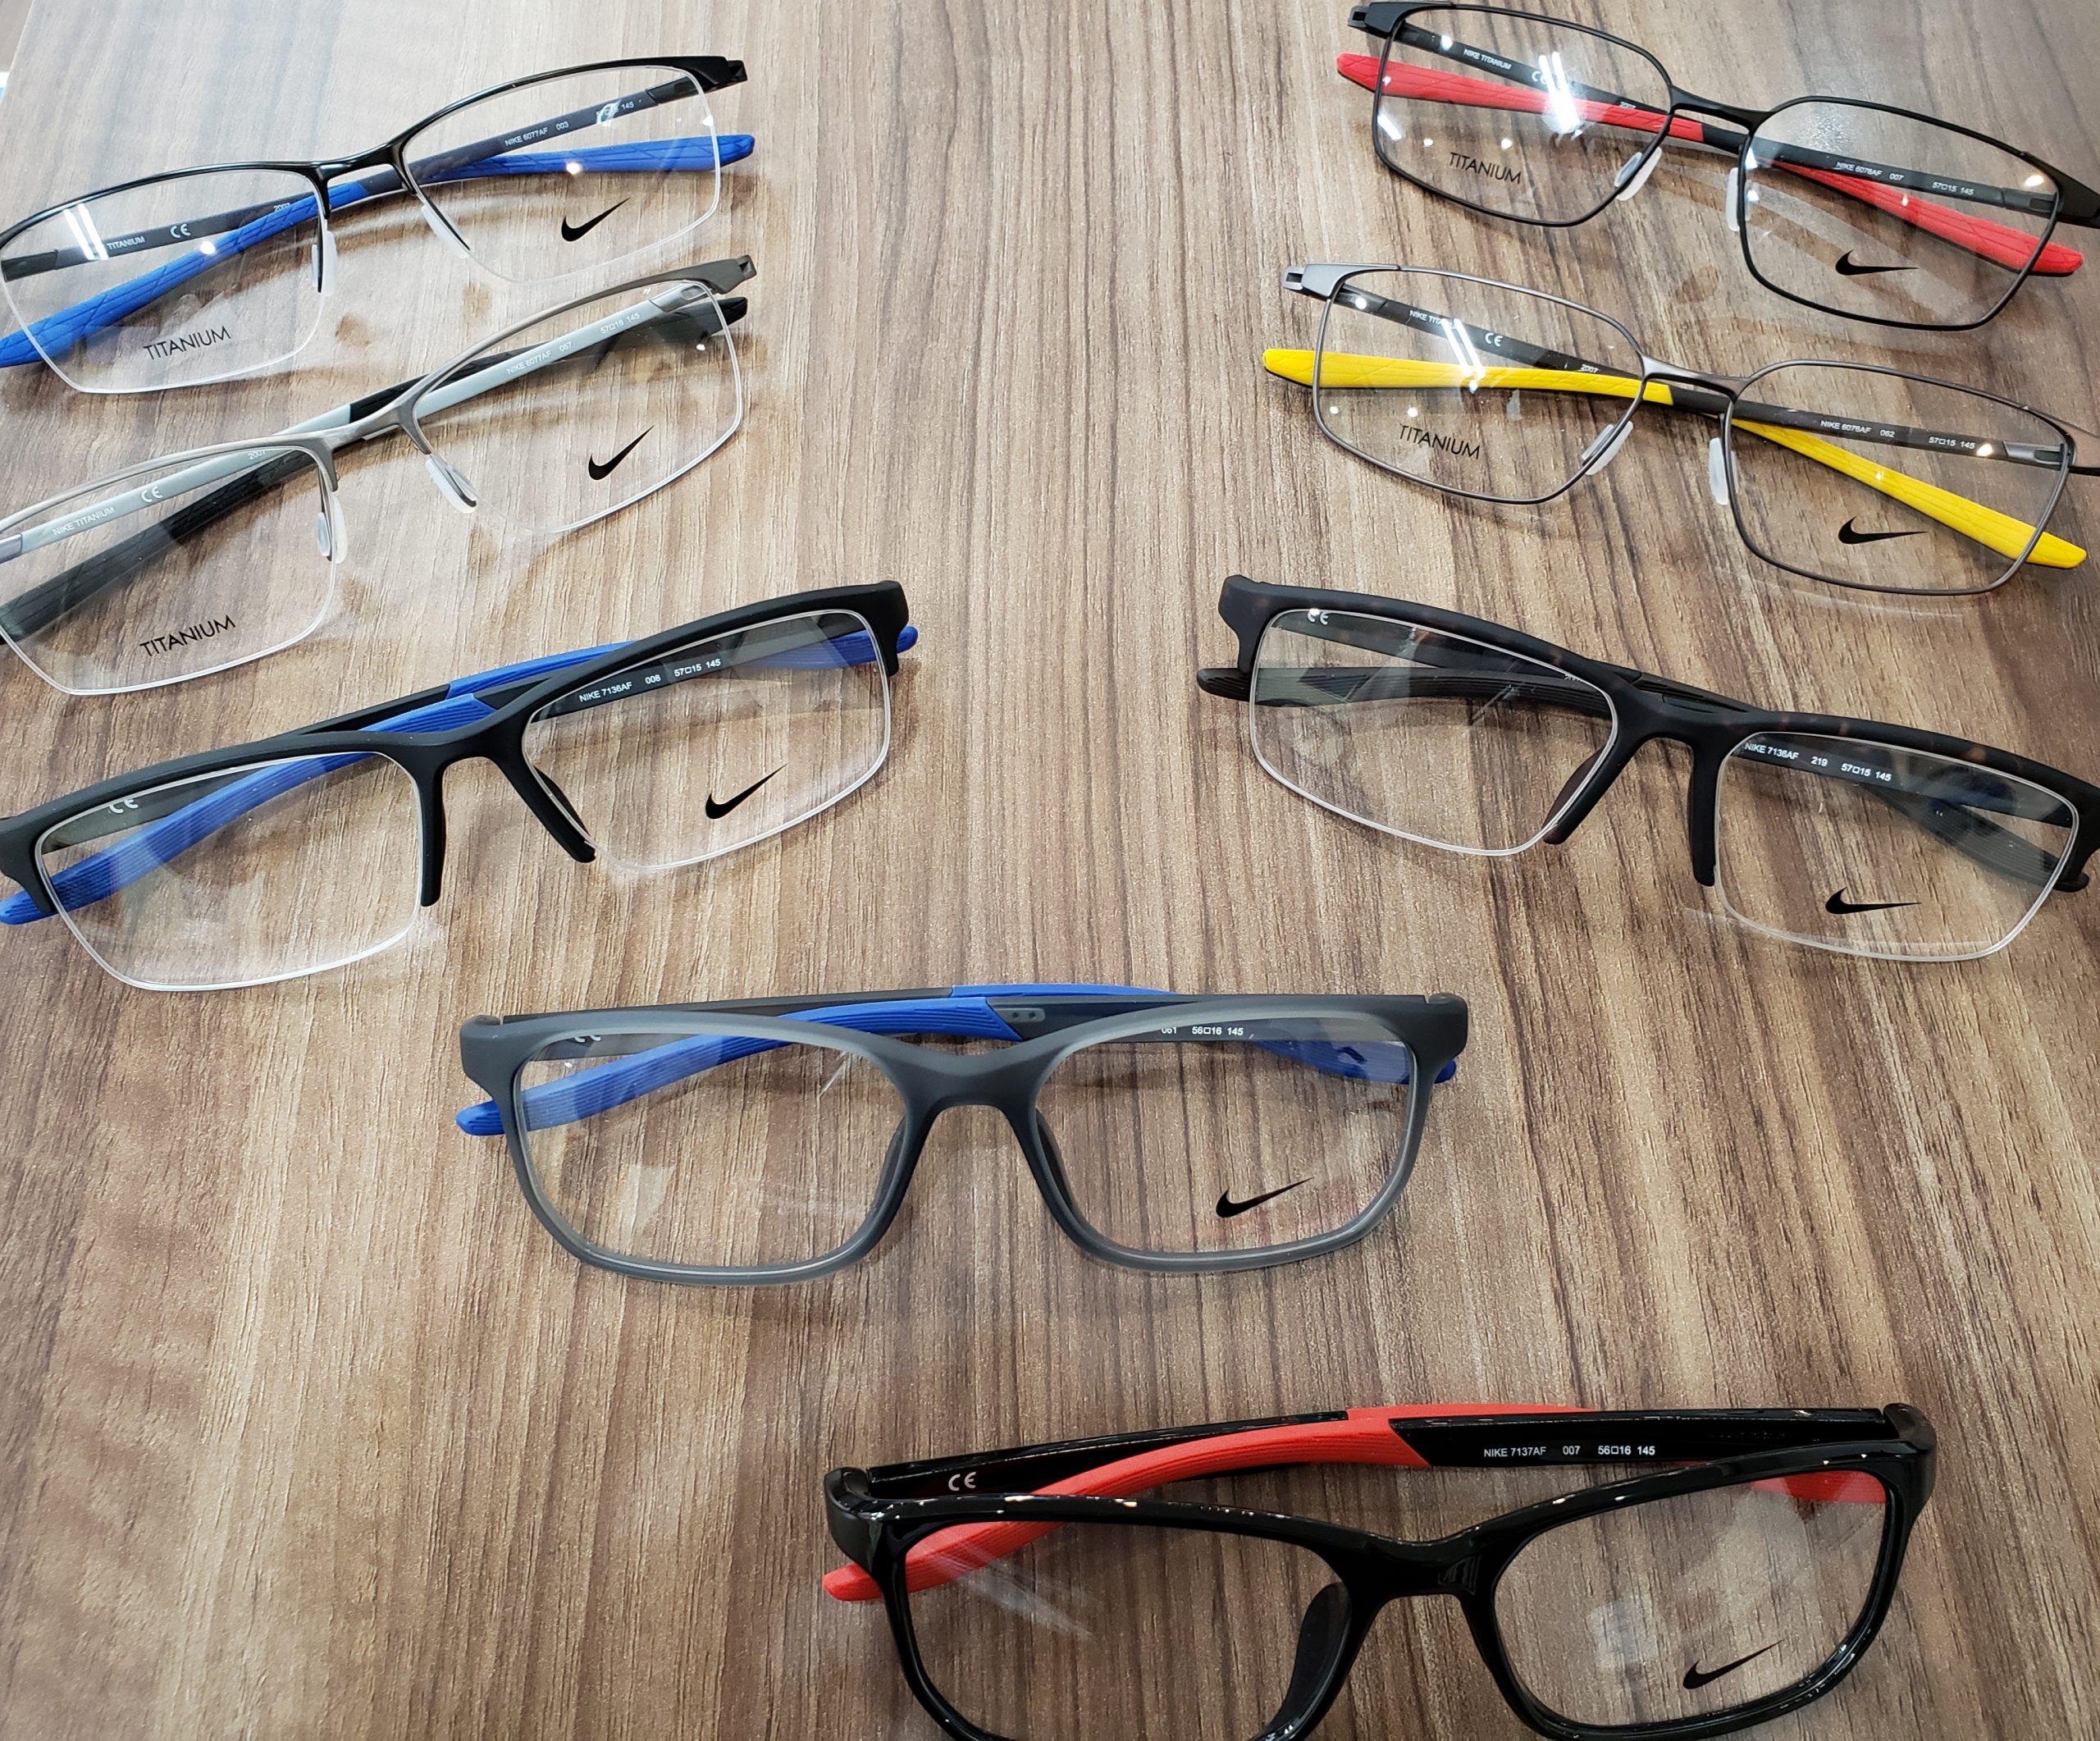 NIKE ナイキ メガネ 眼鏡 めがね フレーム こどもめがね 子供 こども 千葉県 野田市 愛宕 メガネマーケット